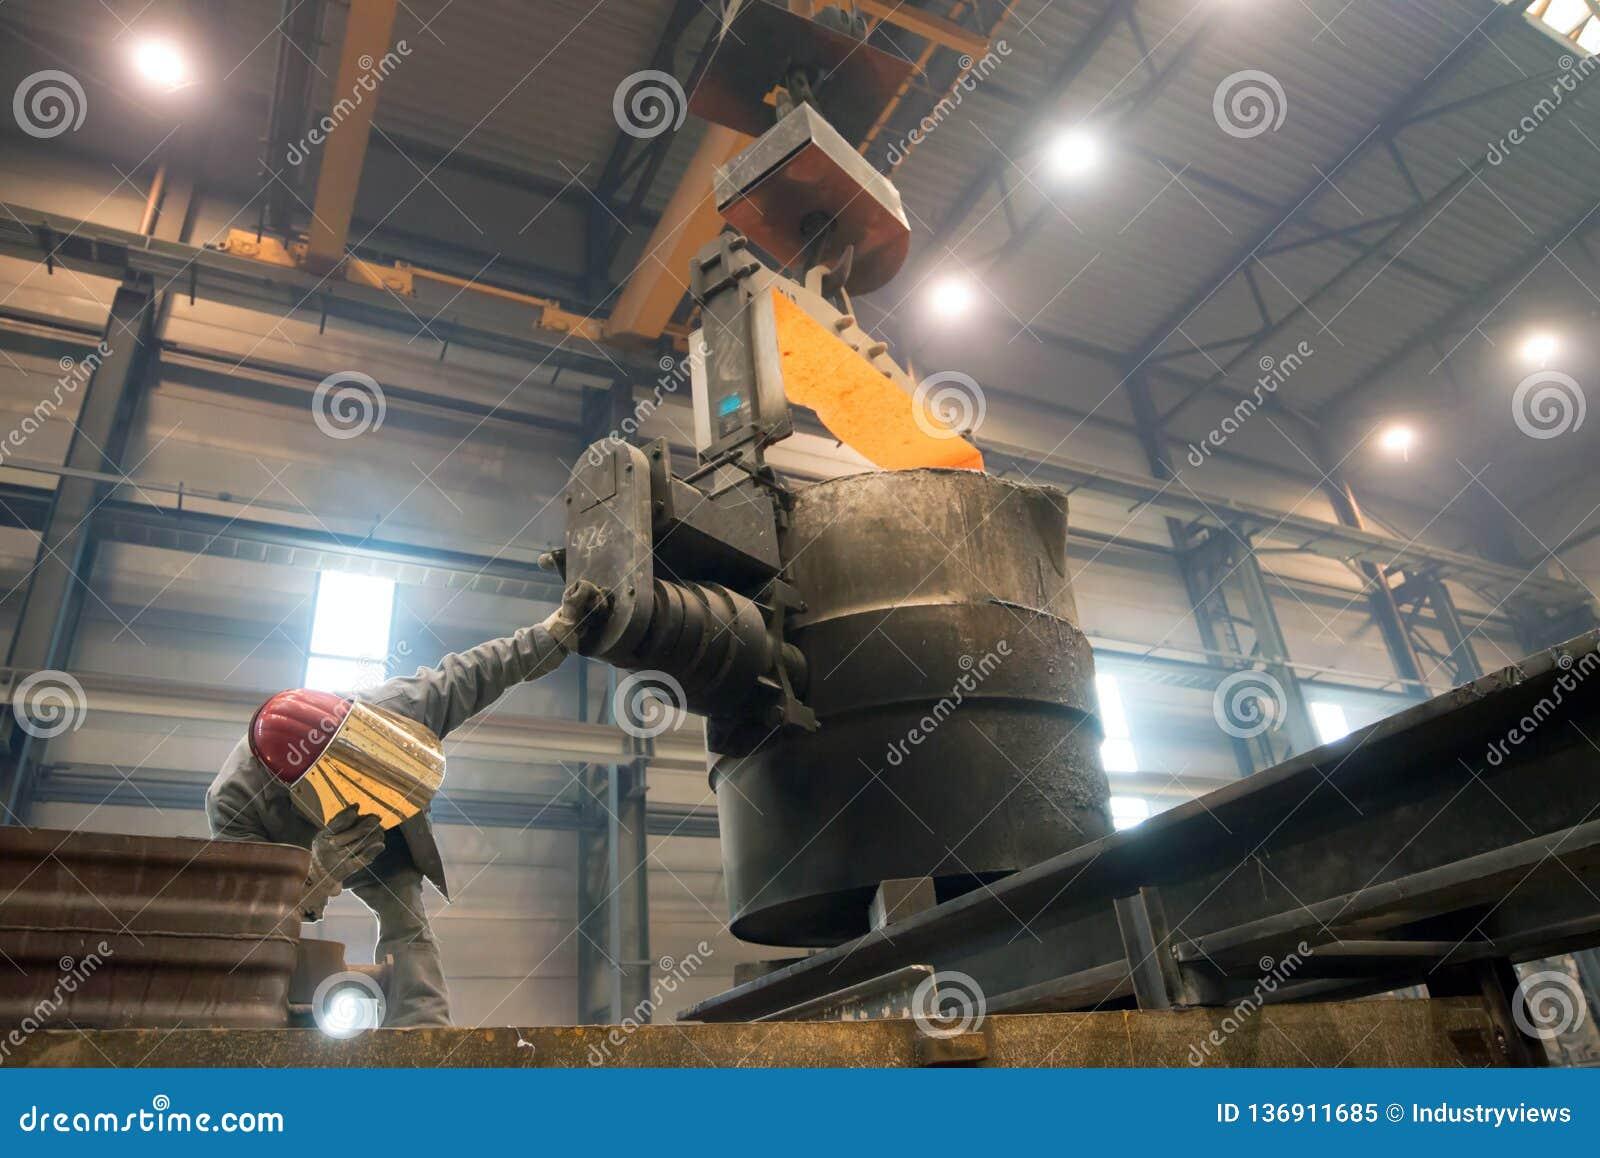 Berlim, Alemanha - 18 de abril de 2013: Produção de componentes do metal em uma fundição - grupo de trabalhadores